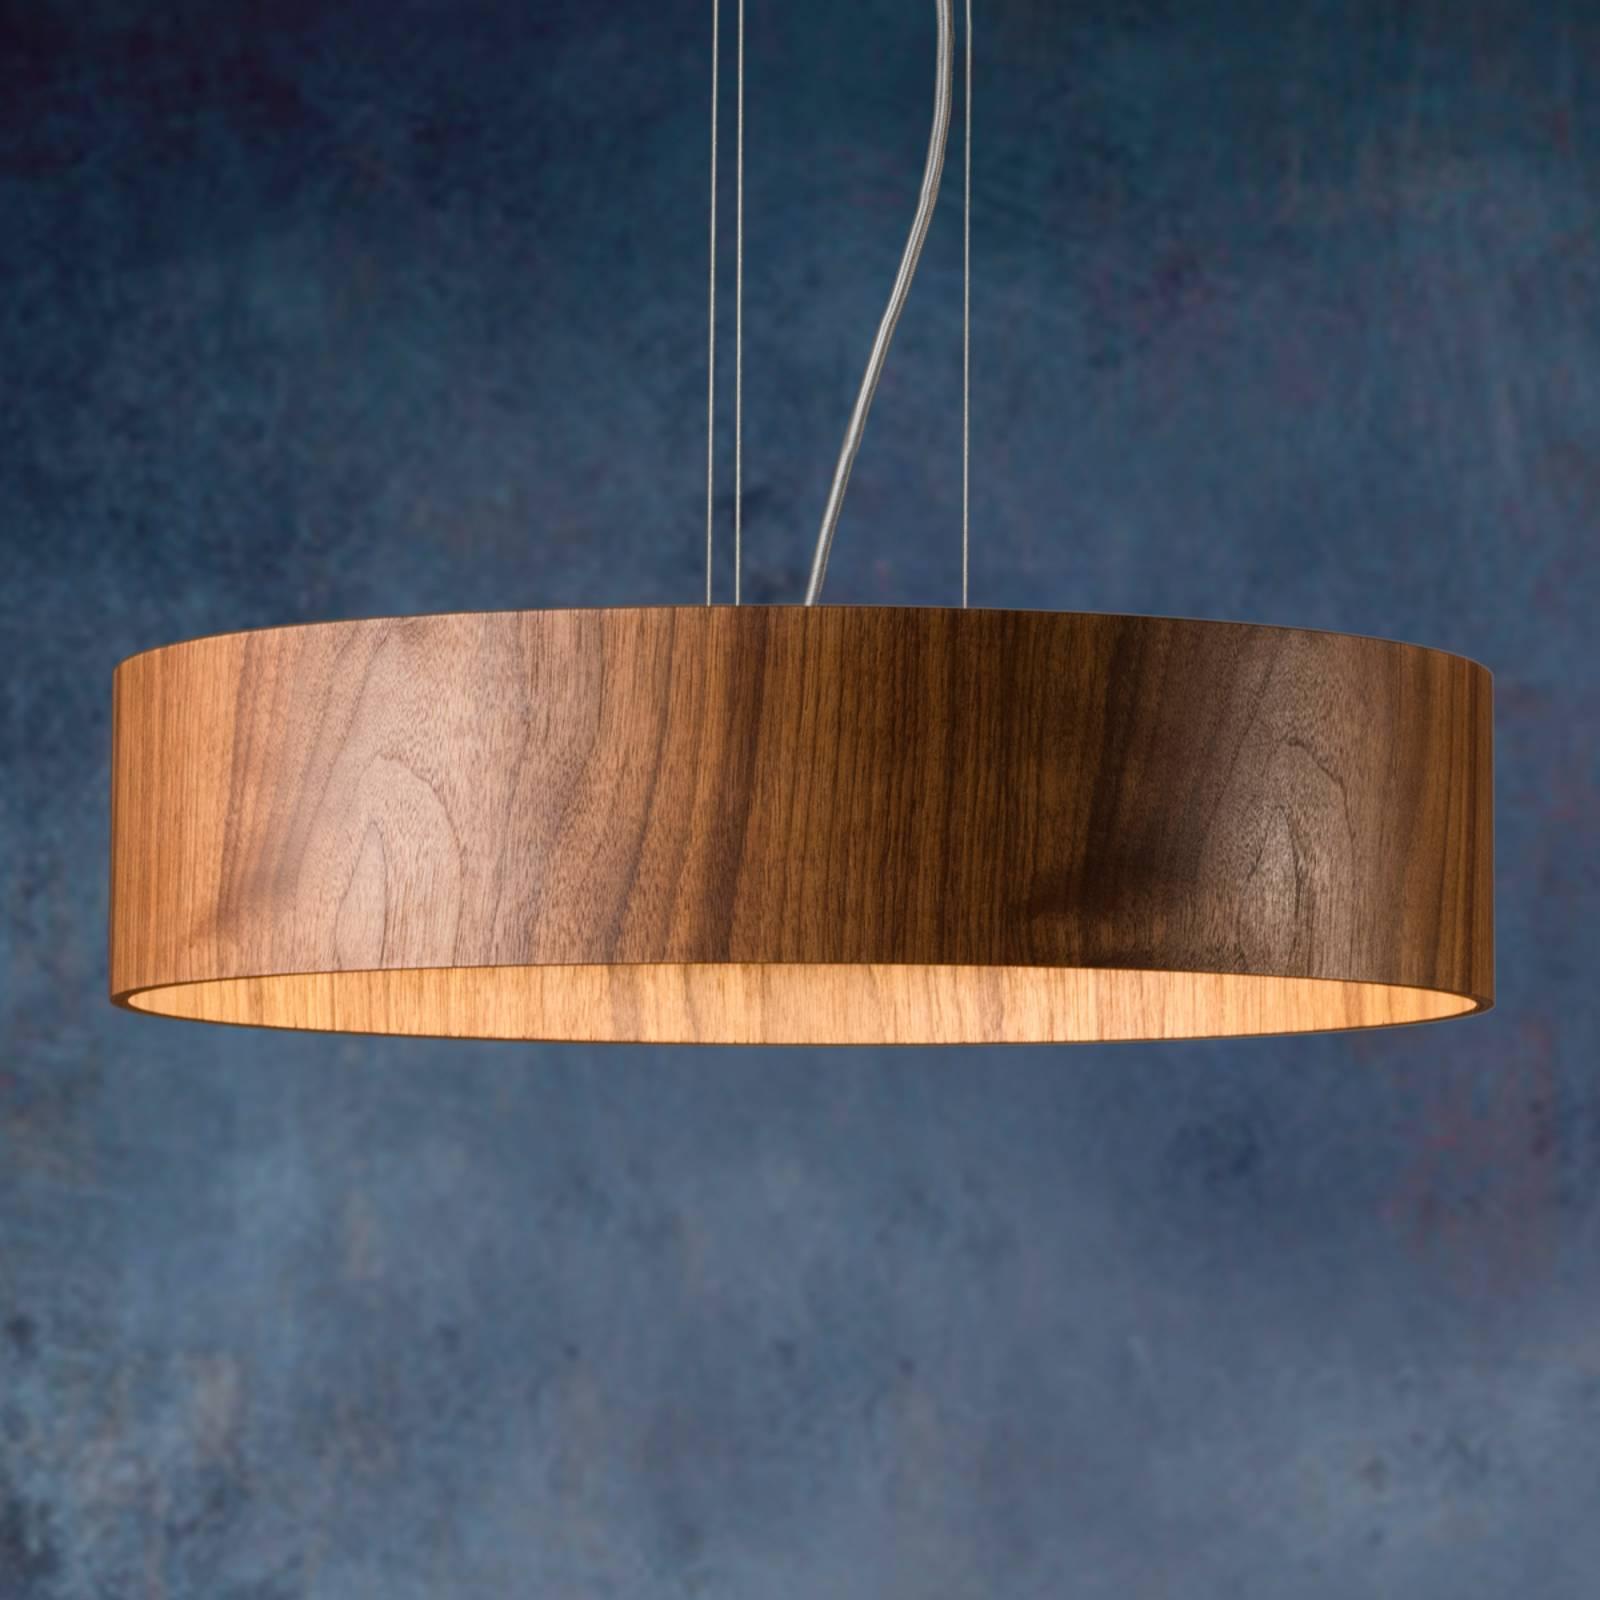 Lampa wisząca Lara Wood z LED, drewno orzechowe